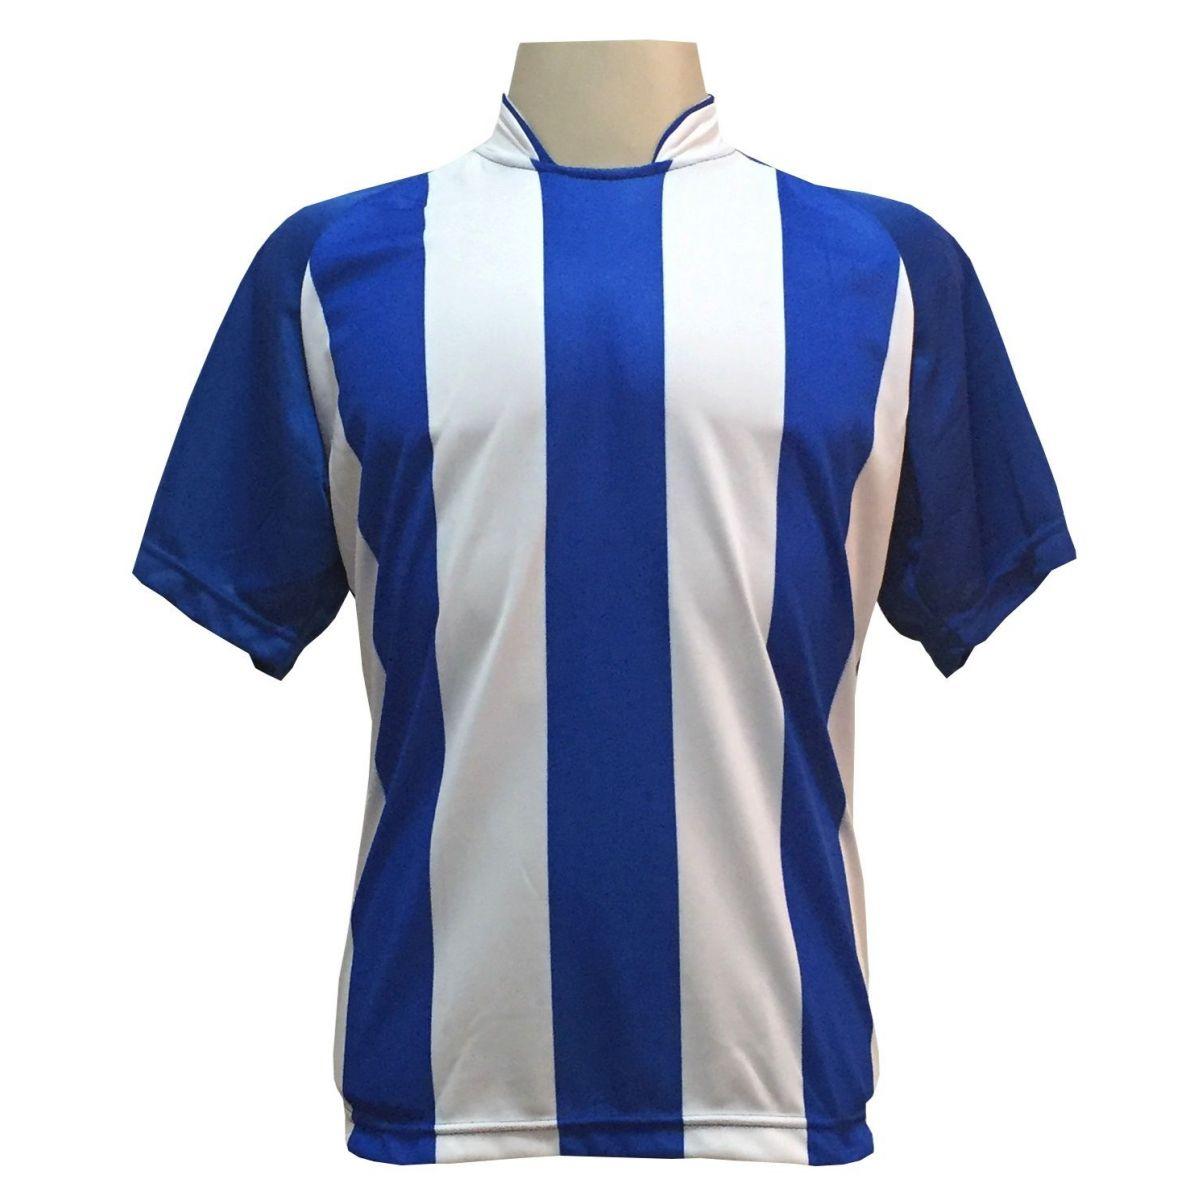 Uniforme Esportivo com 12 Camisas modelo Milan Royal/Branco + 12 Calções modelo Madrid Branco